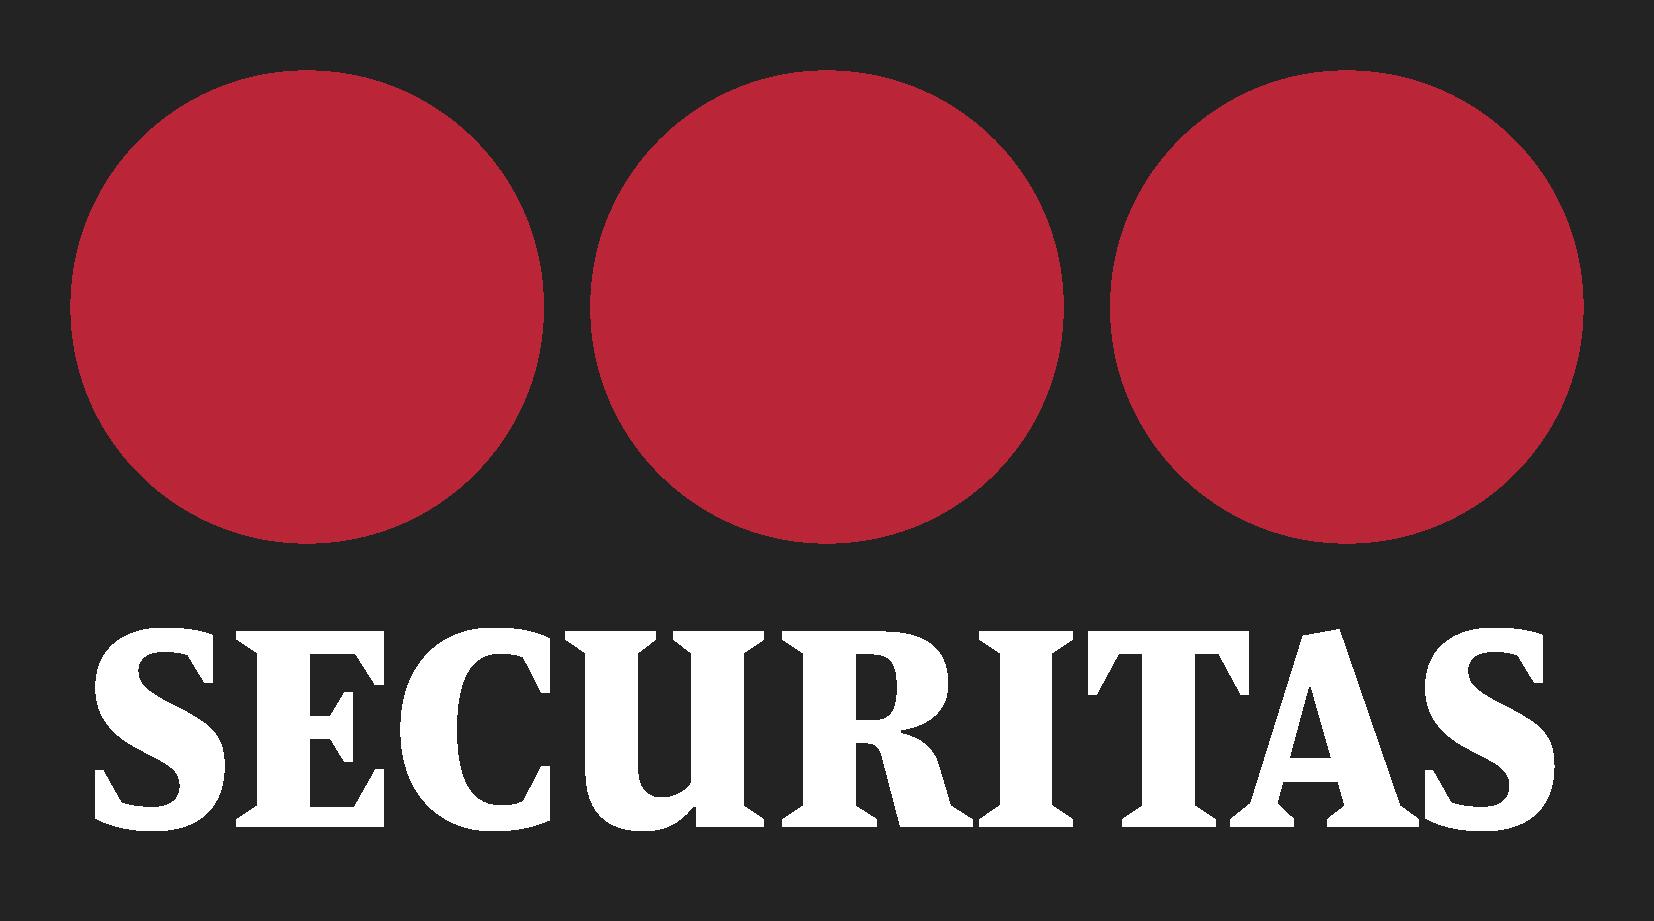 Fonctionnement alarme securitas travaux devis en ligne for Alarme securitas sans abonnement